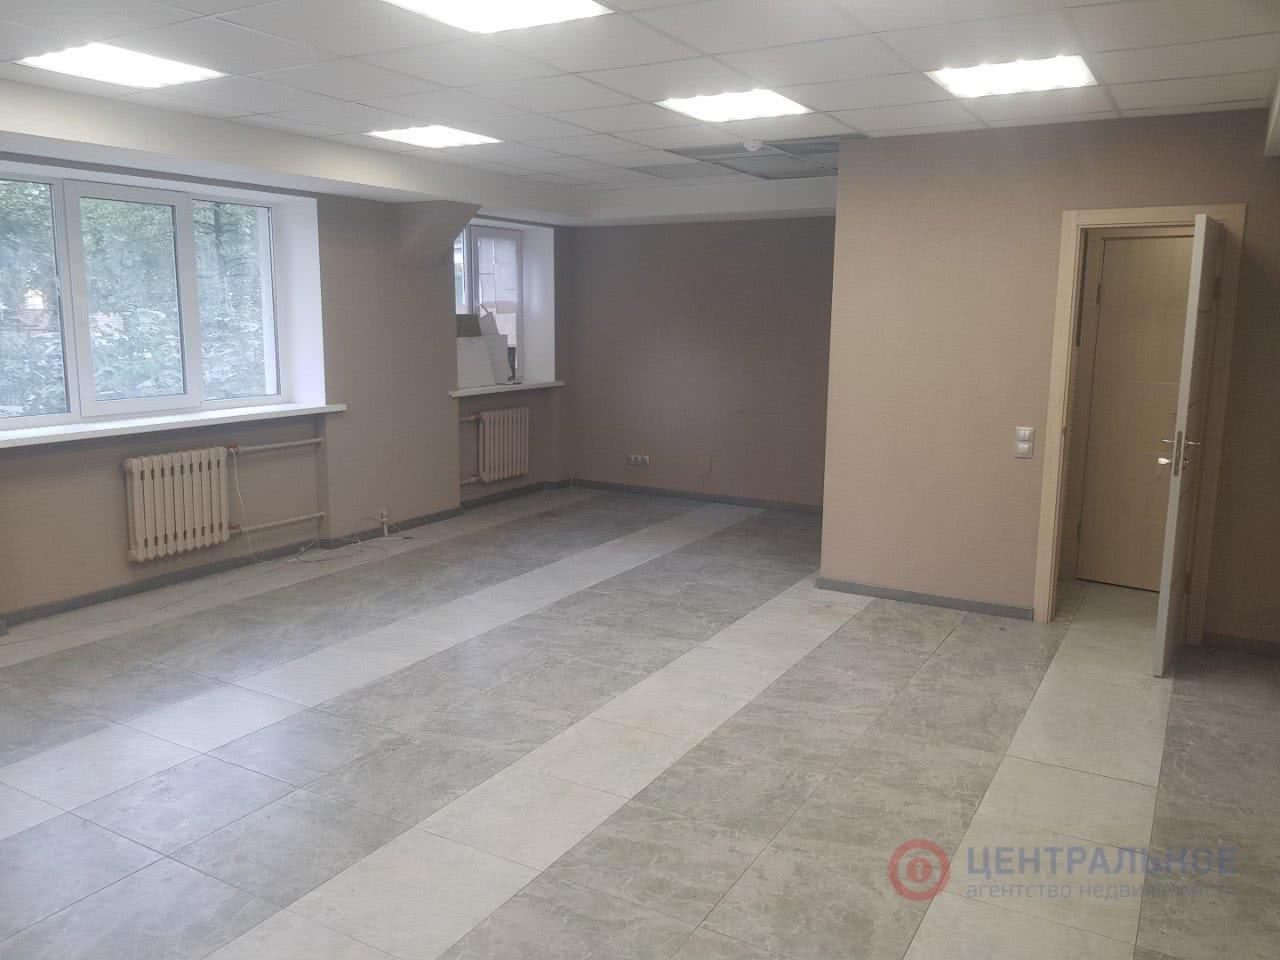 Купить торговое помещение на ул. Дорошевича, д. 4 в Минске - фото 5